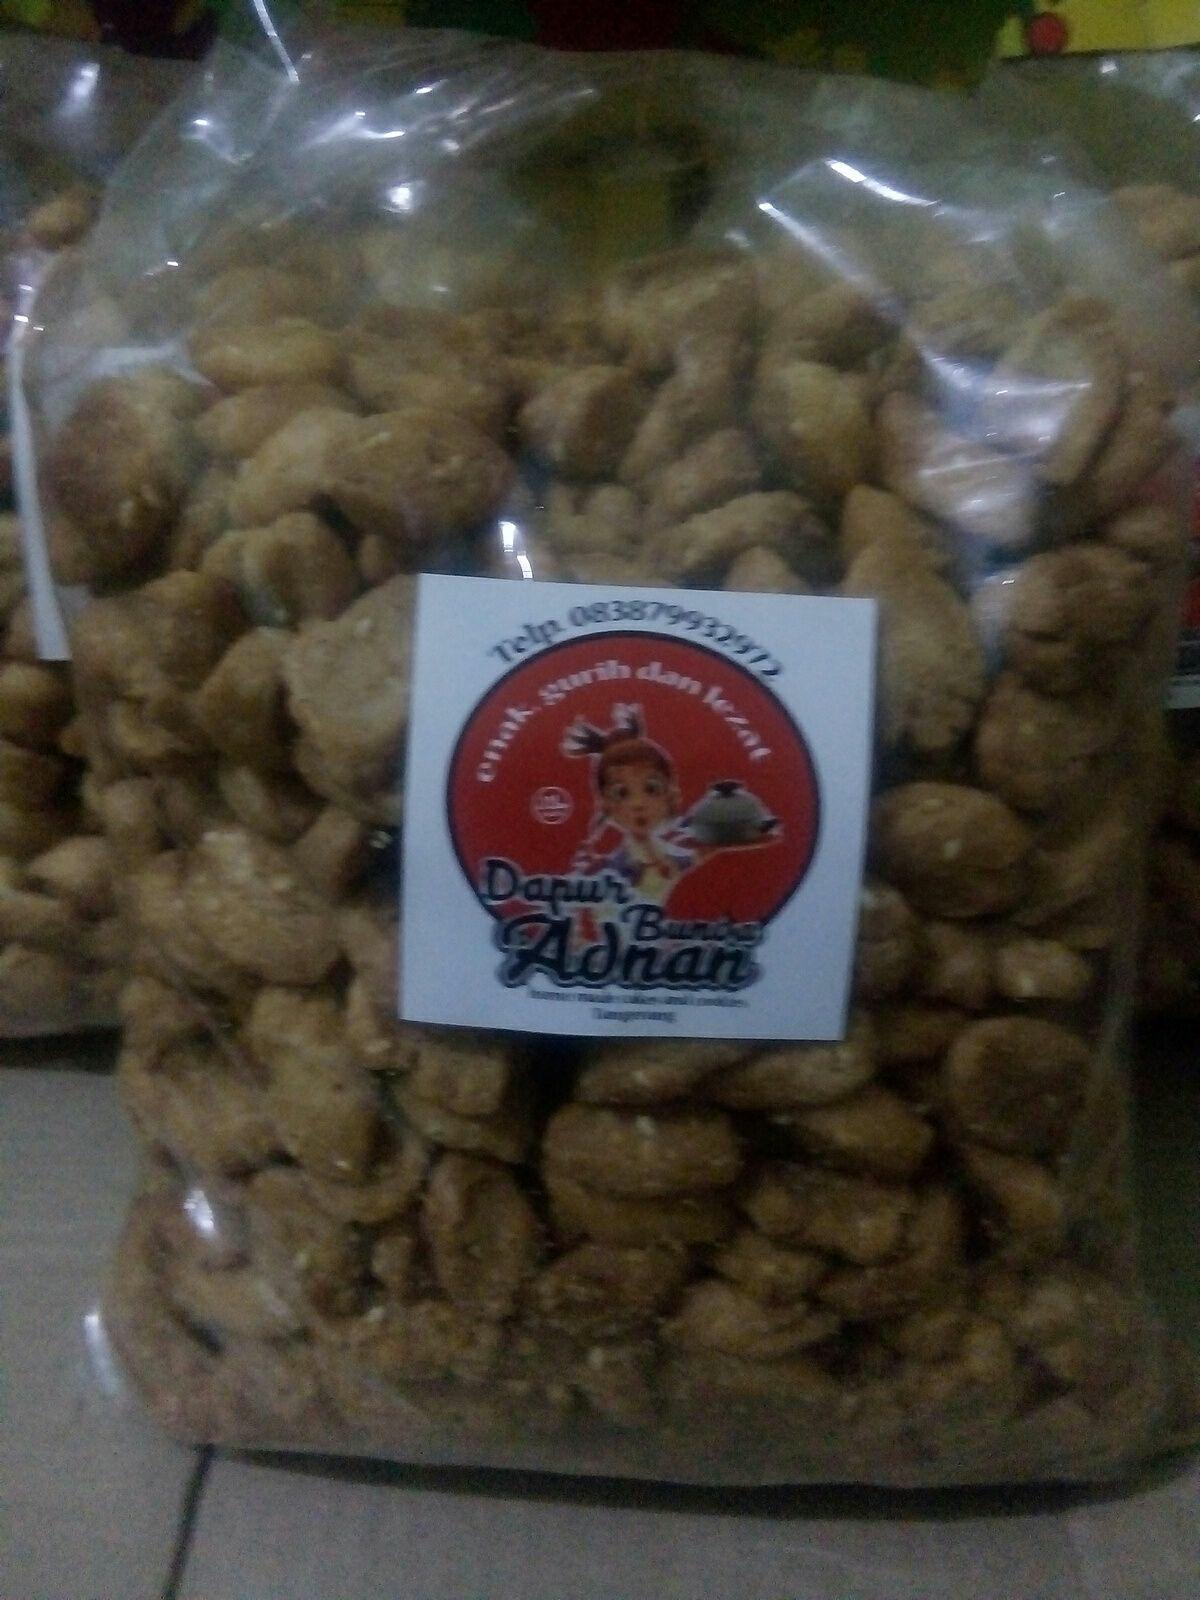 Fitur Biji Ketapang Dan Harga Terbaru Daftar Tempat Ekstrak Daun Merah 100ml Indian Almond Premium Quality 2